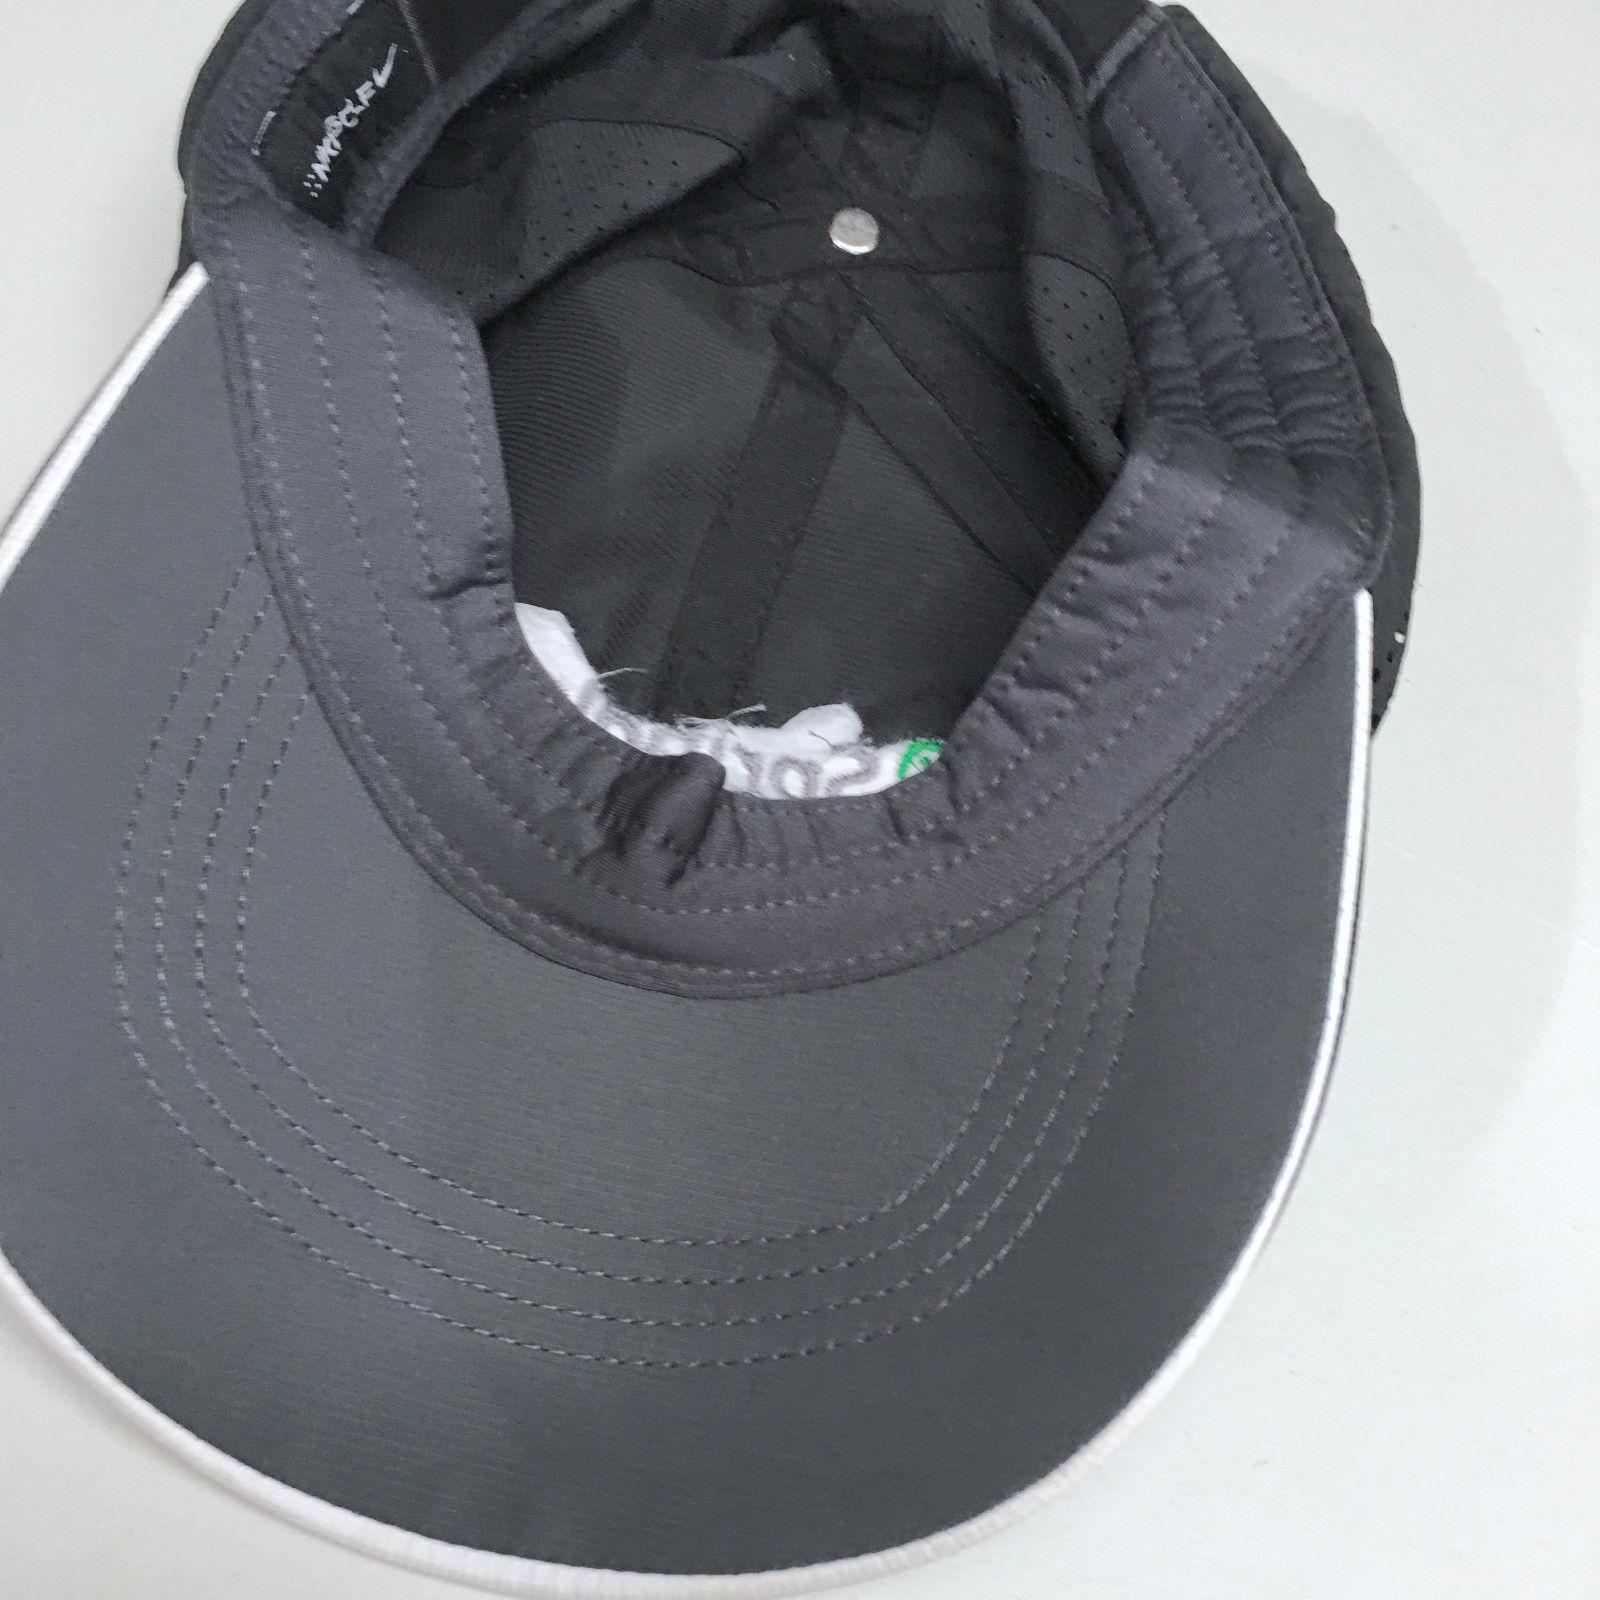 Springleaf Financial NIKE GOLF Light adjustable Baseball Cap Hat